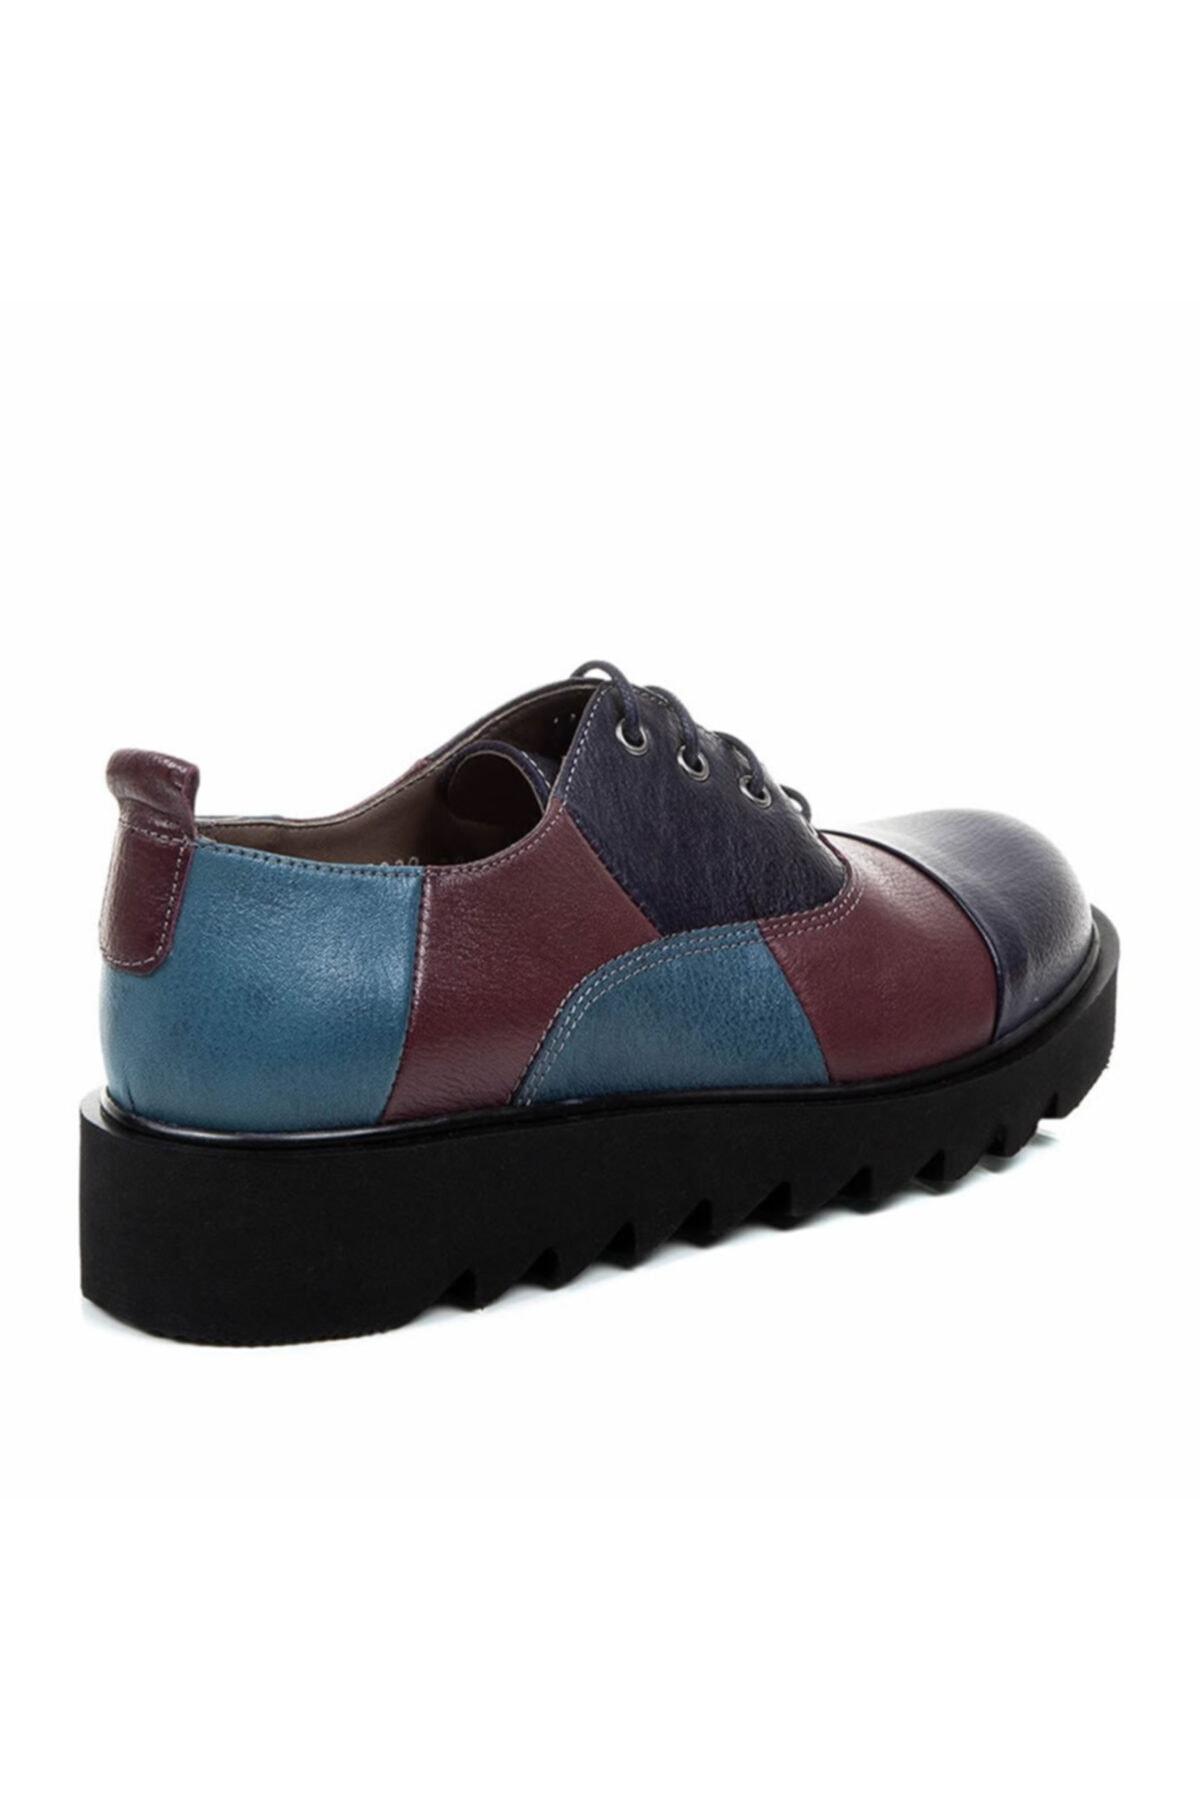 Beta Shoes Kadın Mor Ayakkabı 22-2030-829 2